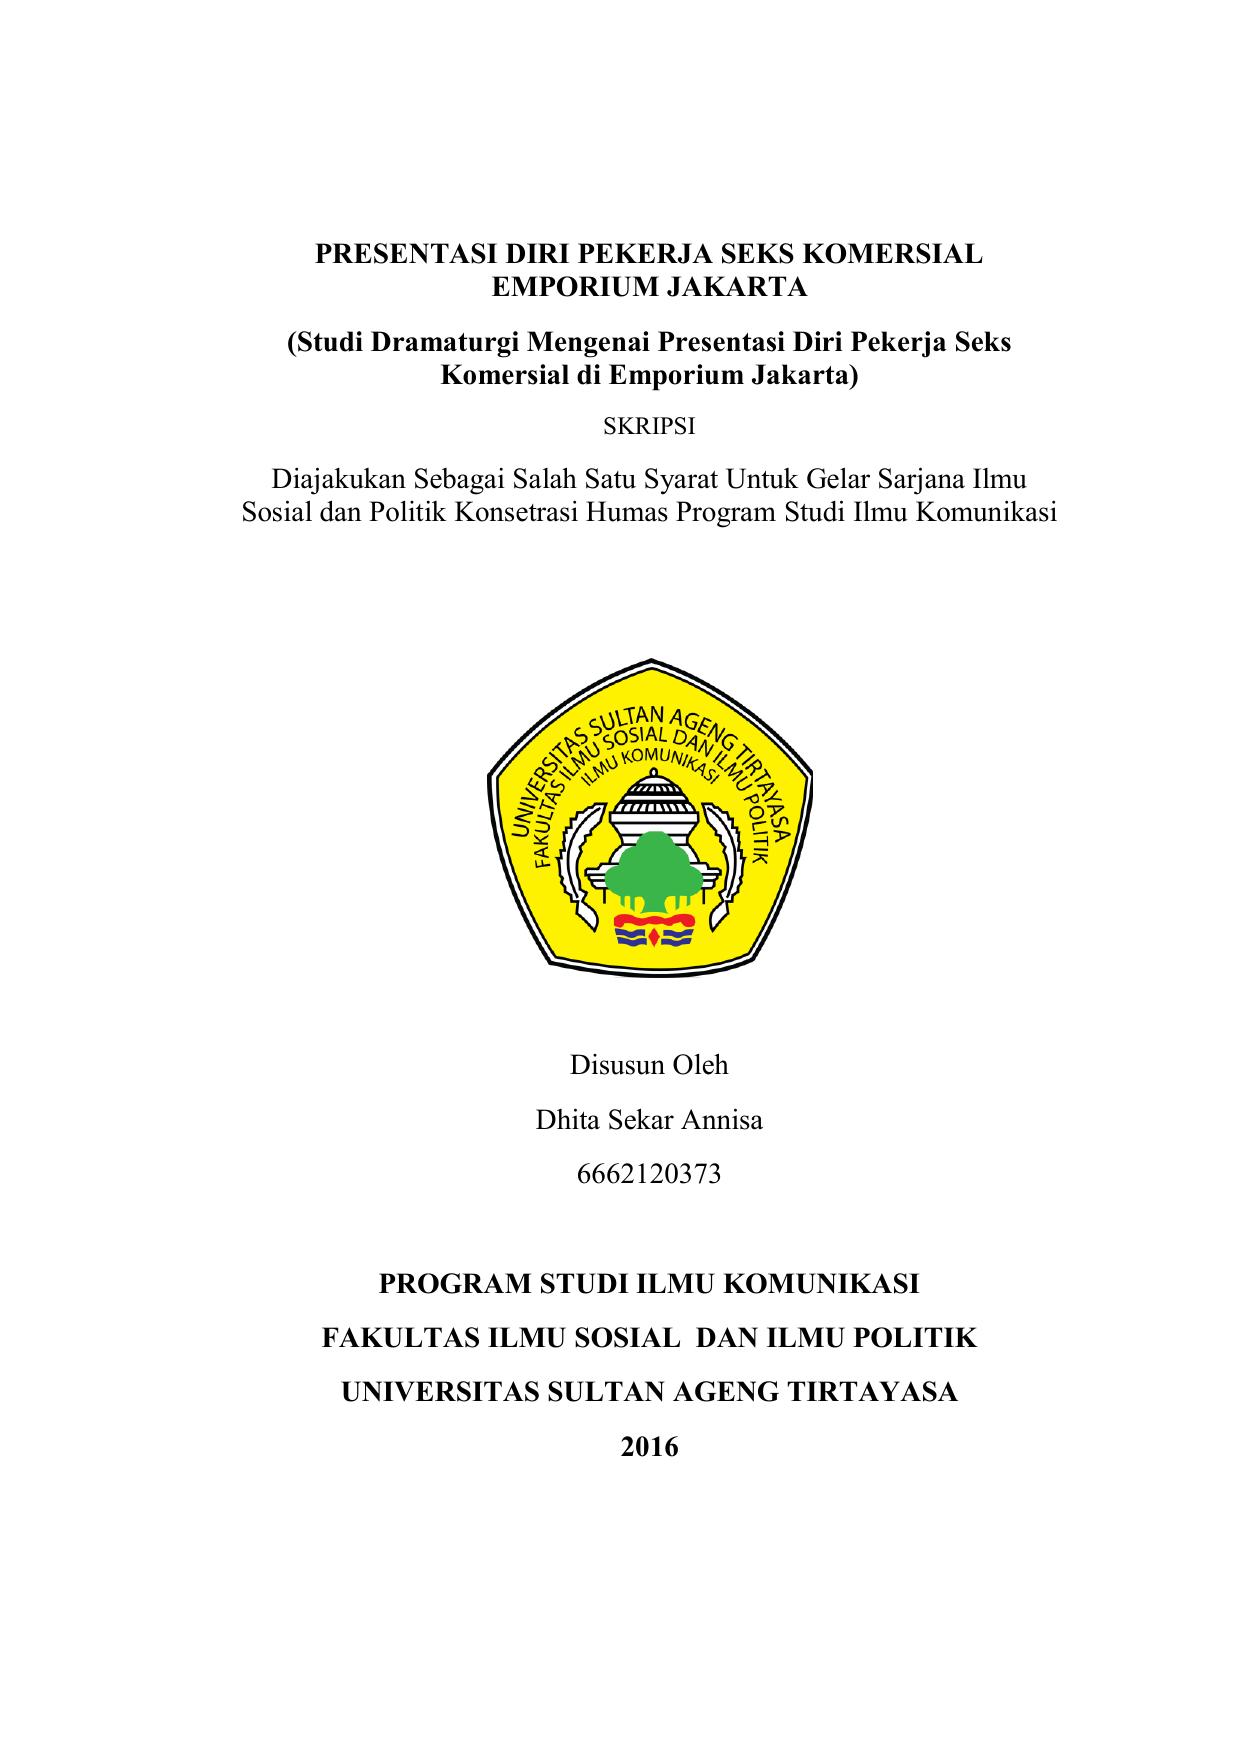 Presentasi Diri Pekerja Seks Komersial Emporium